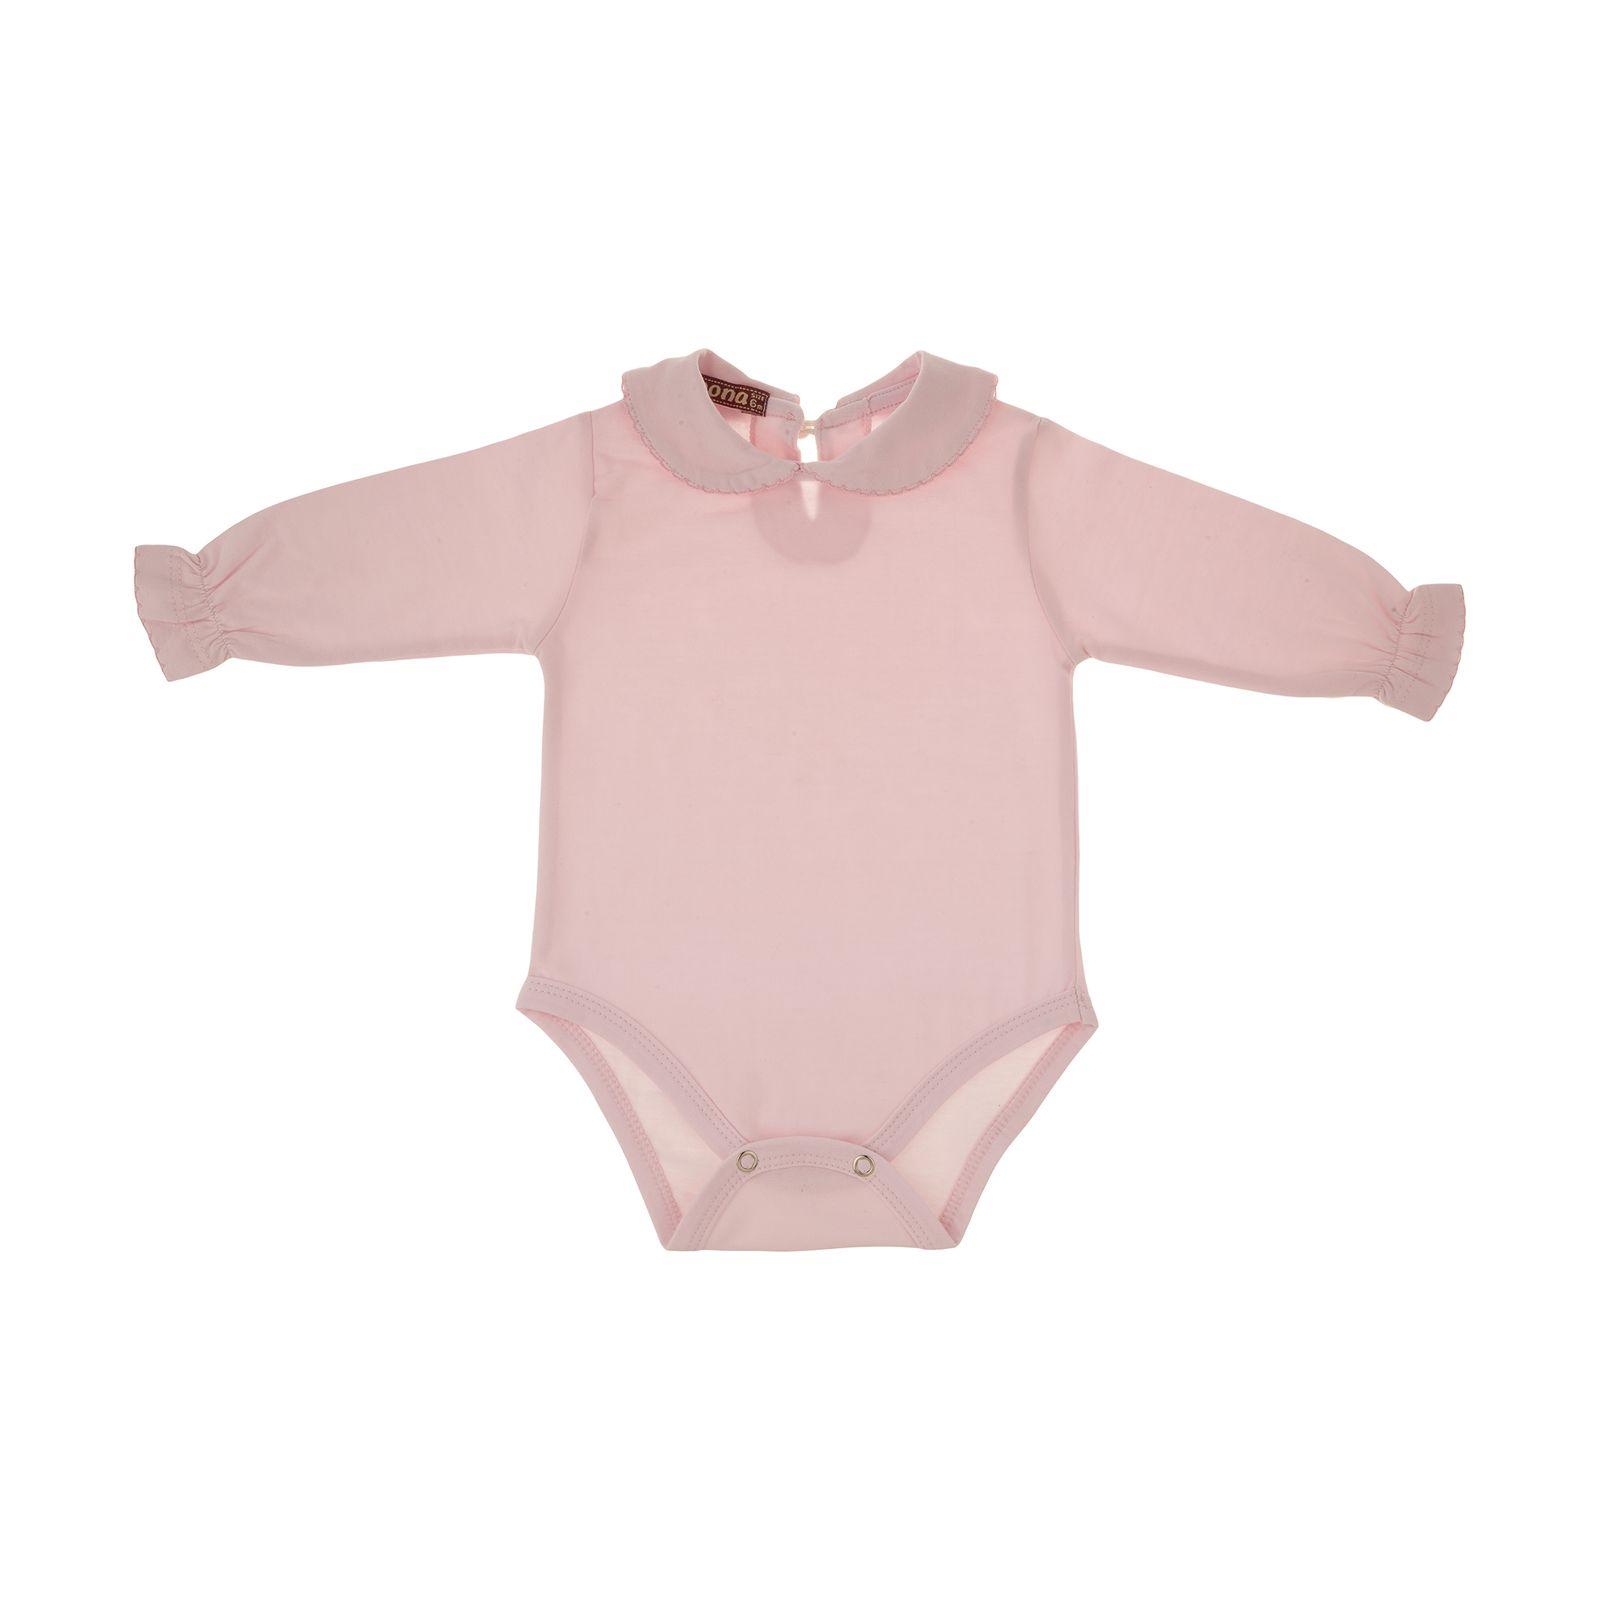 بادی نوزادی دخترانهنونا مدل 221110329-84 -  - 1